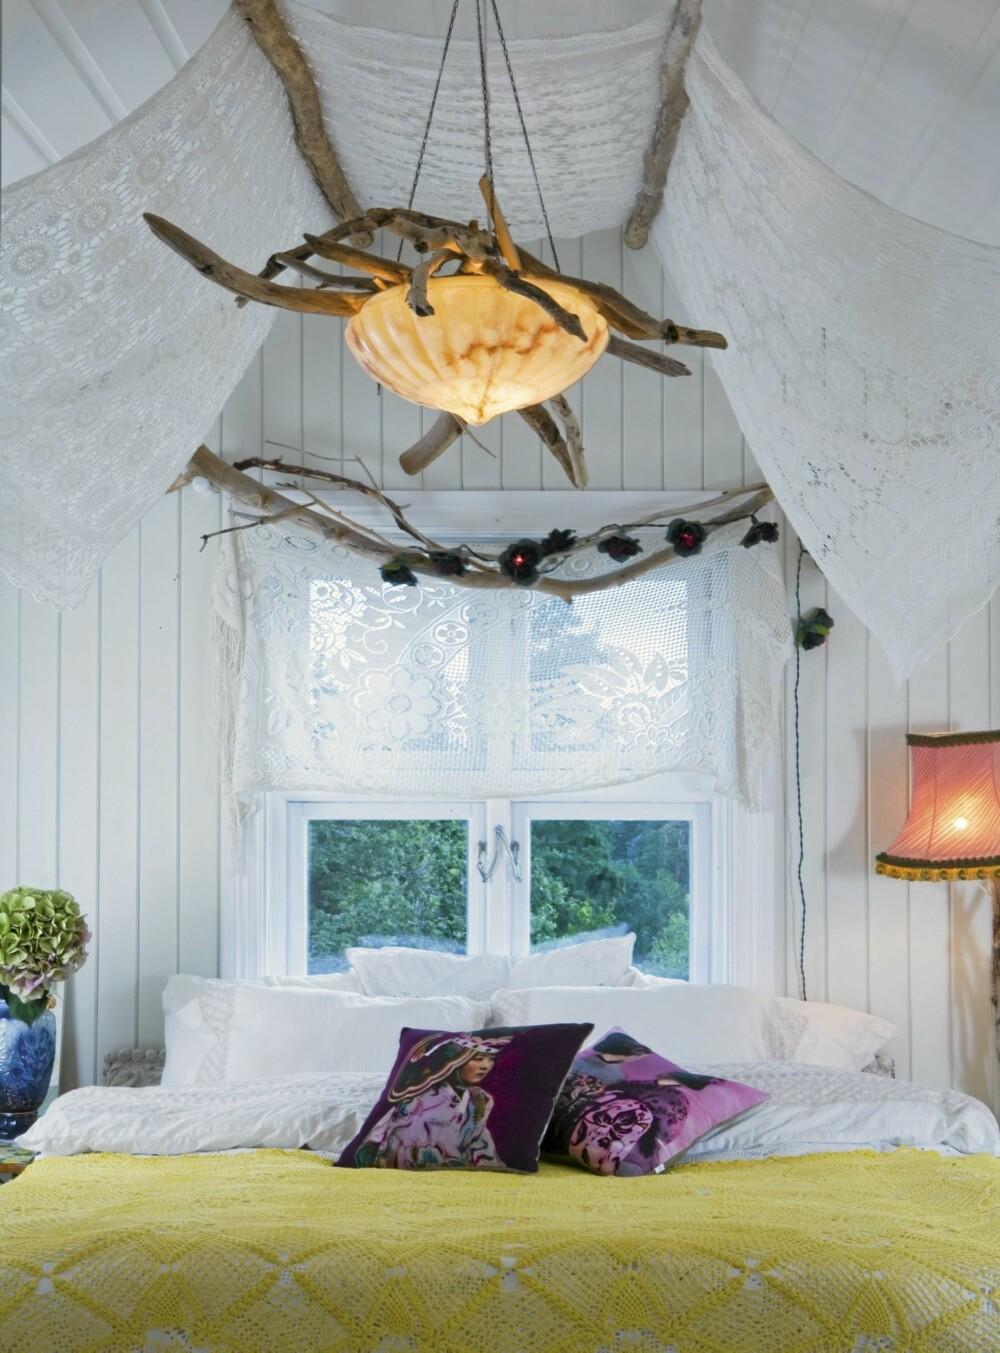 STOFFER OG DRIVVED: Fra soverommet er det utsikt til et tjern og Oslofjorden. Om natten kan man se opp på stjernehimmelen. Rundt sengen er det pyntet opp med vakre stoffer og drivved.